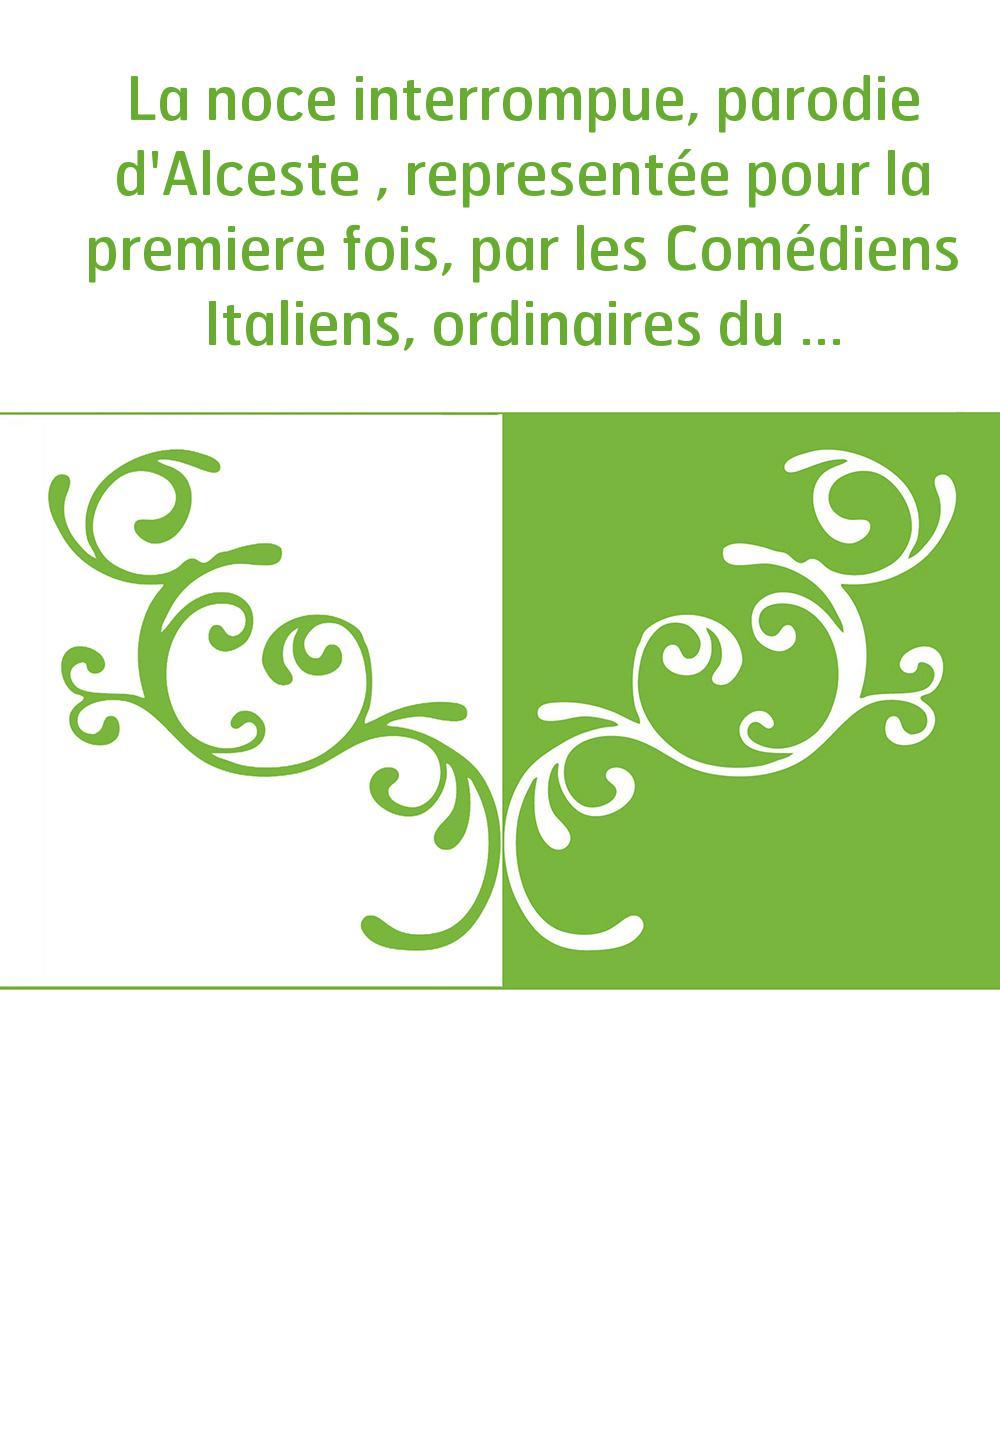 La noce interrompue, parodie d'Alceste , representée pour la premiere fois, par les Comédiens Italiens, ordinaires du Roi, le je